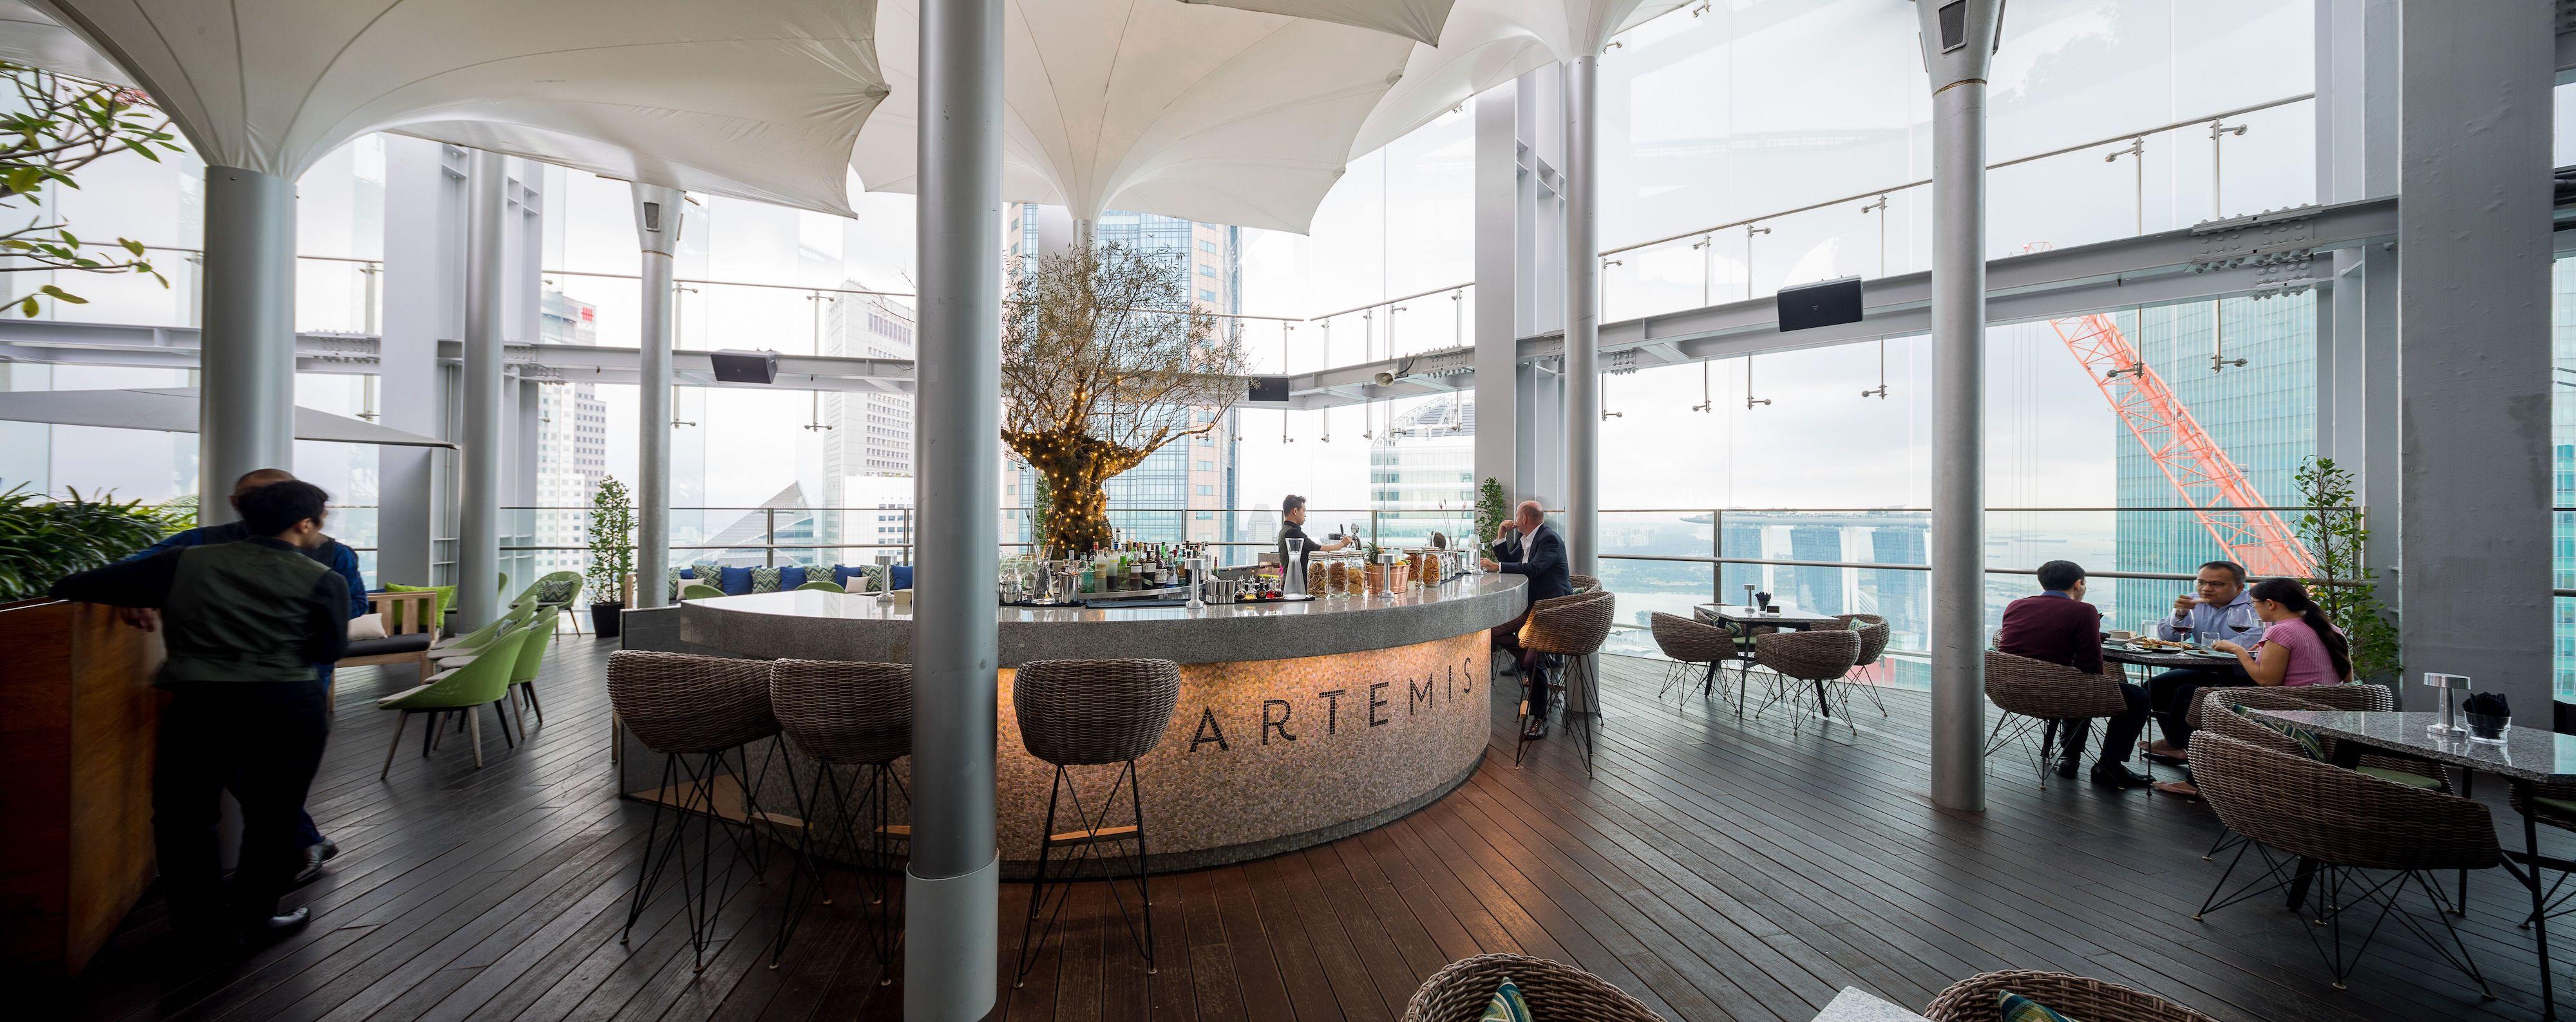 Artemis Singapore